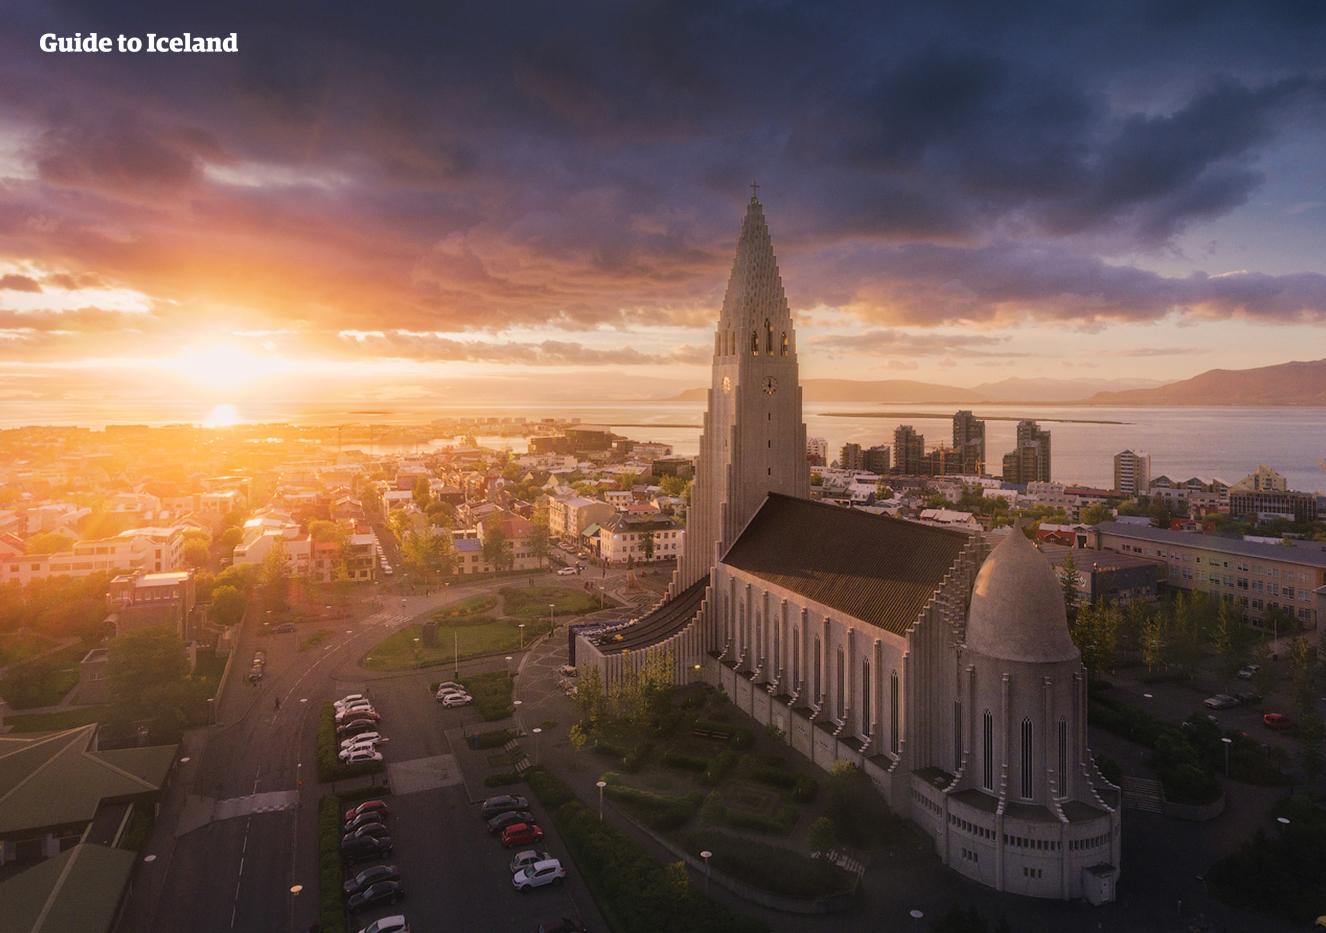 Store deler av Island er dekket av skjør islandsk mose. Hvis mosen blir skadet, kan det ta flere tiår å reparere den. Dette er en viktig grunn til at du ikke må tråkke på den.